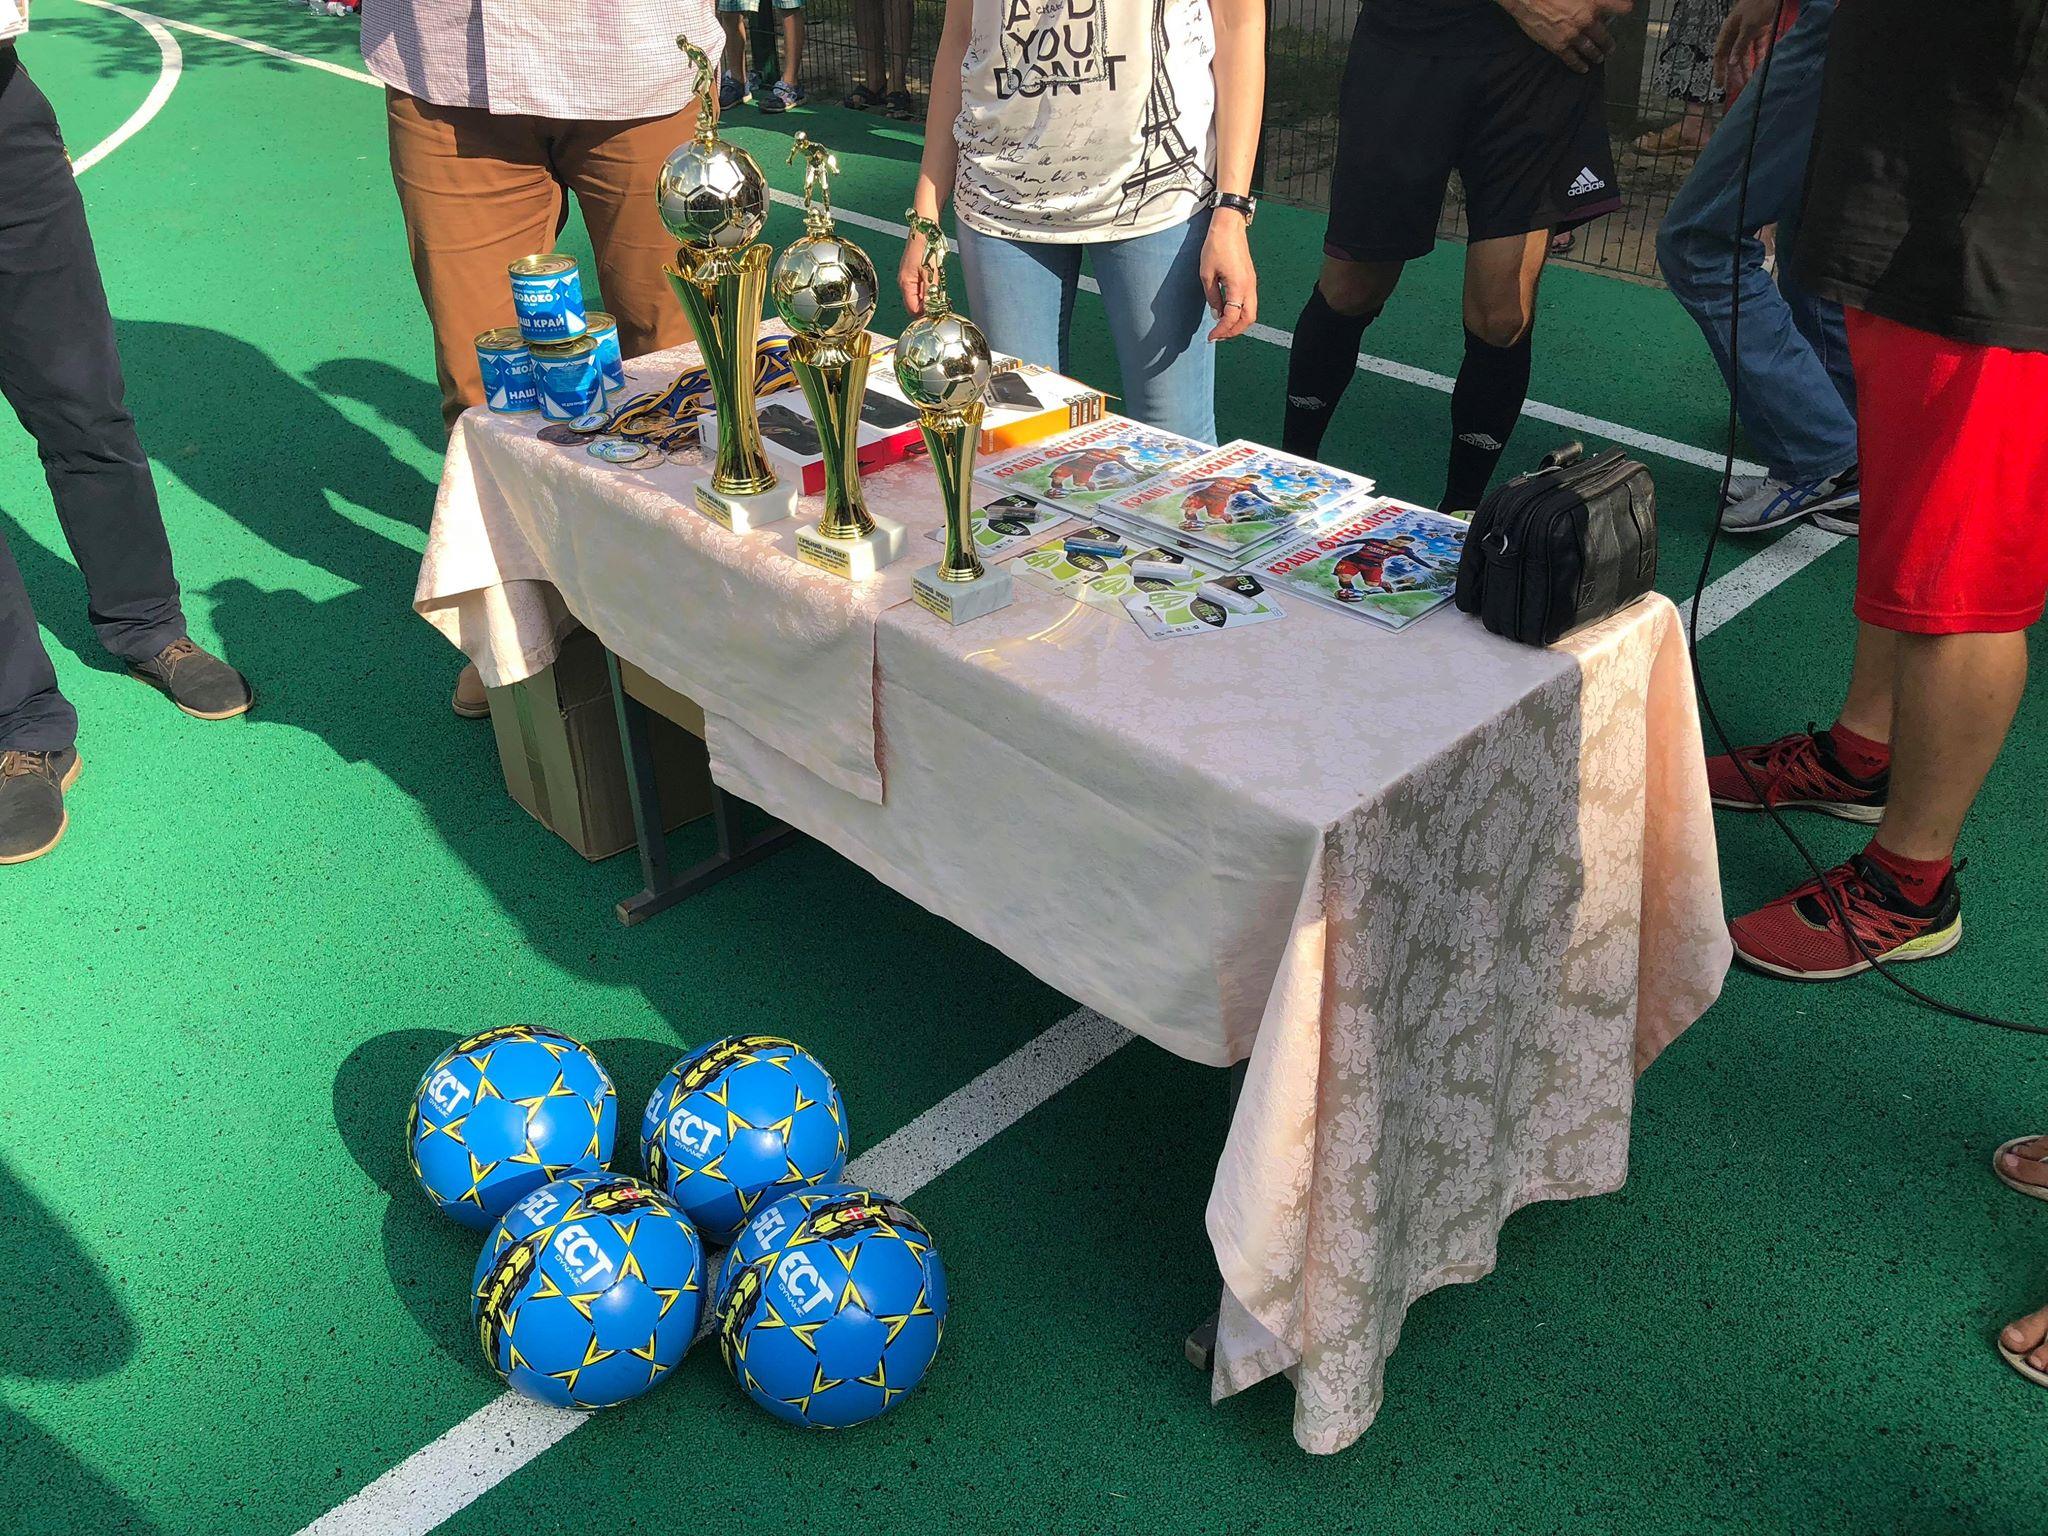 Дворовий футбол на Градецькому відзначився яскравими пенальті й штрафними картками